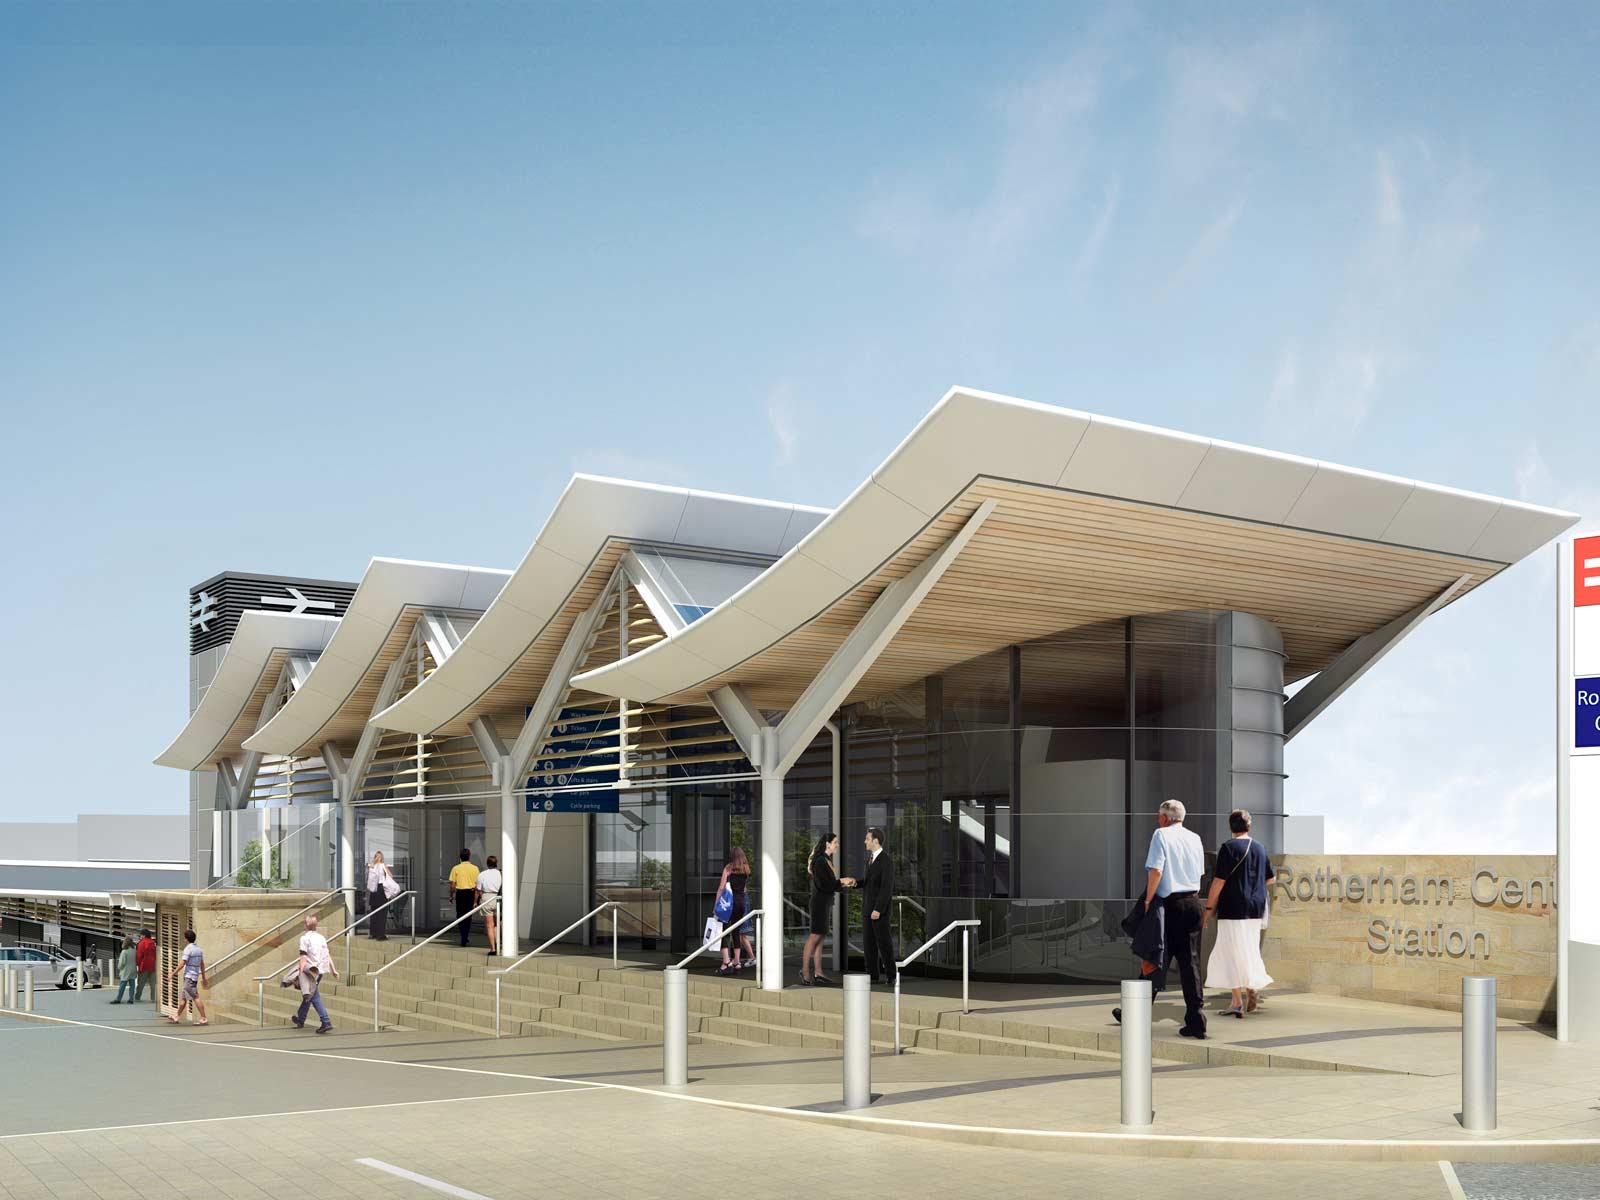 Rotherham-Station-Yorkshire-UK-Imaging